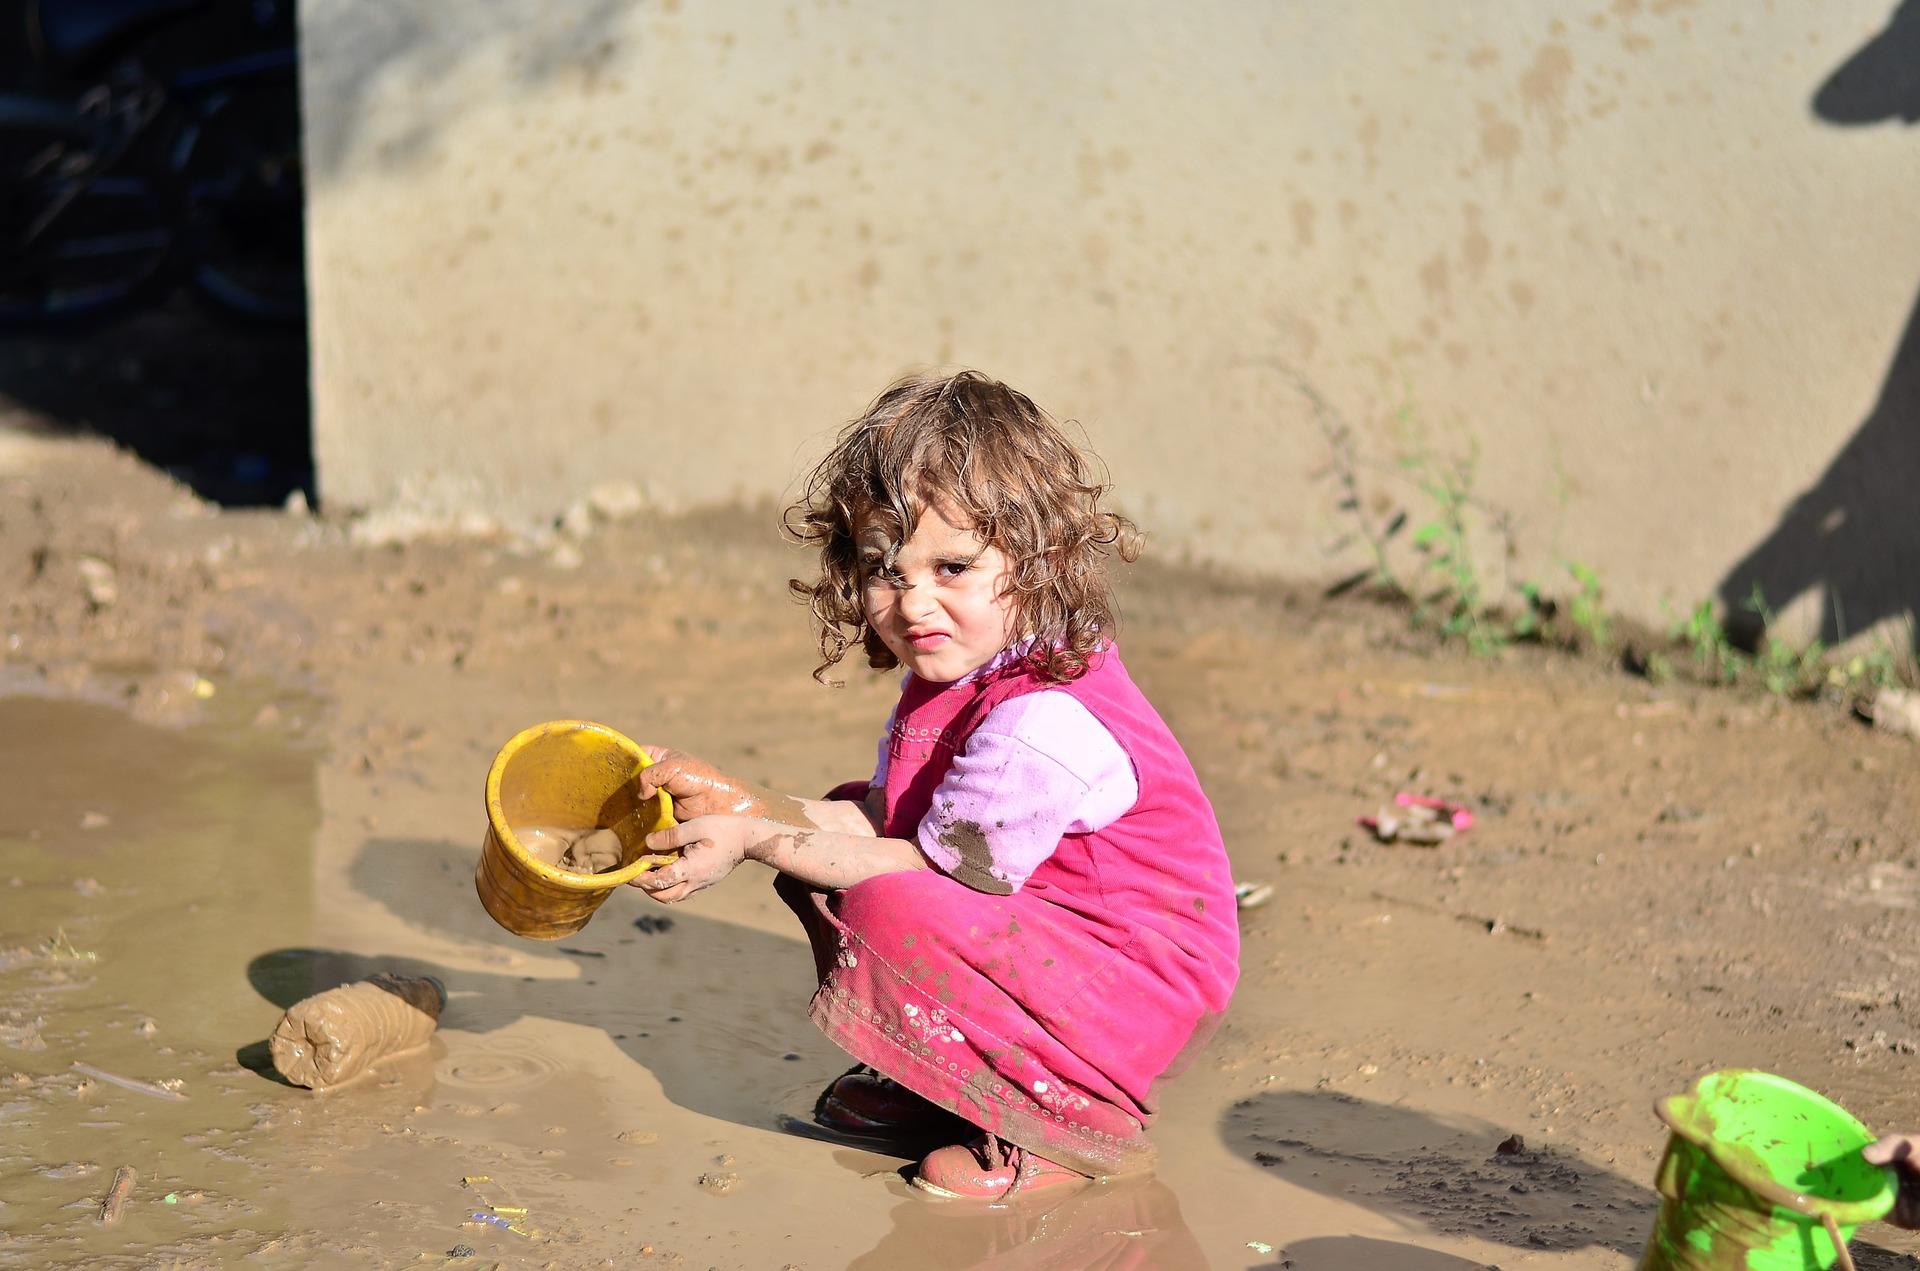 mauro-libi-crestani-para-el-desarrollo-motriz-de-los-ninos-jugar-al-aire-libre